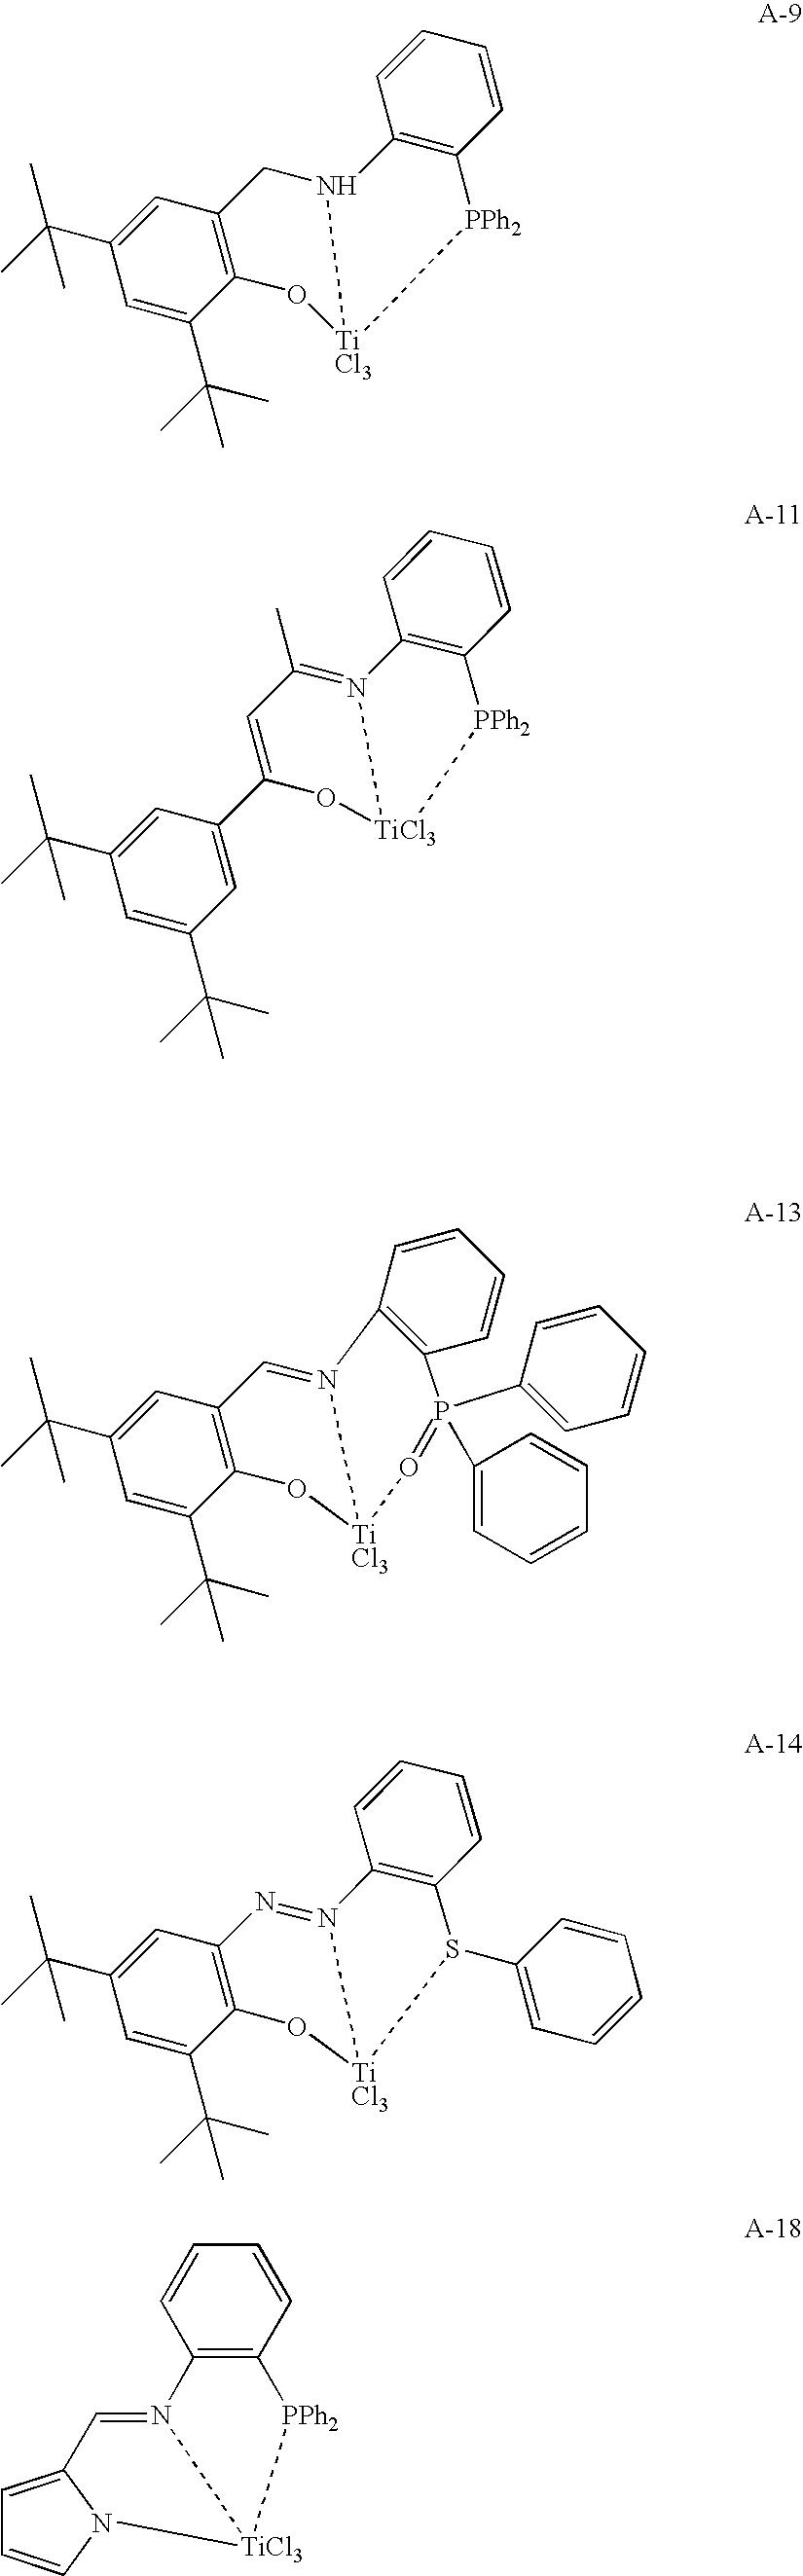 Figure US20050004331A1-20050106-C00092